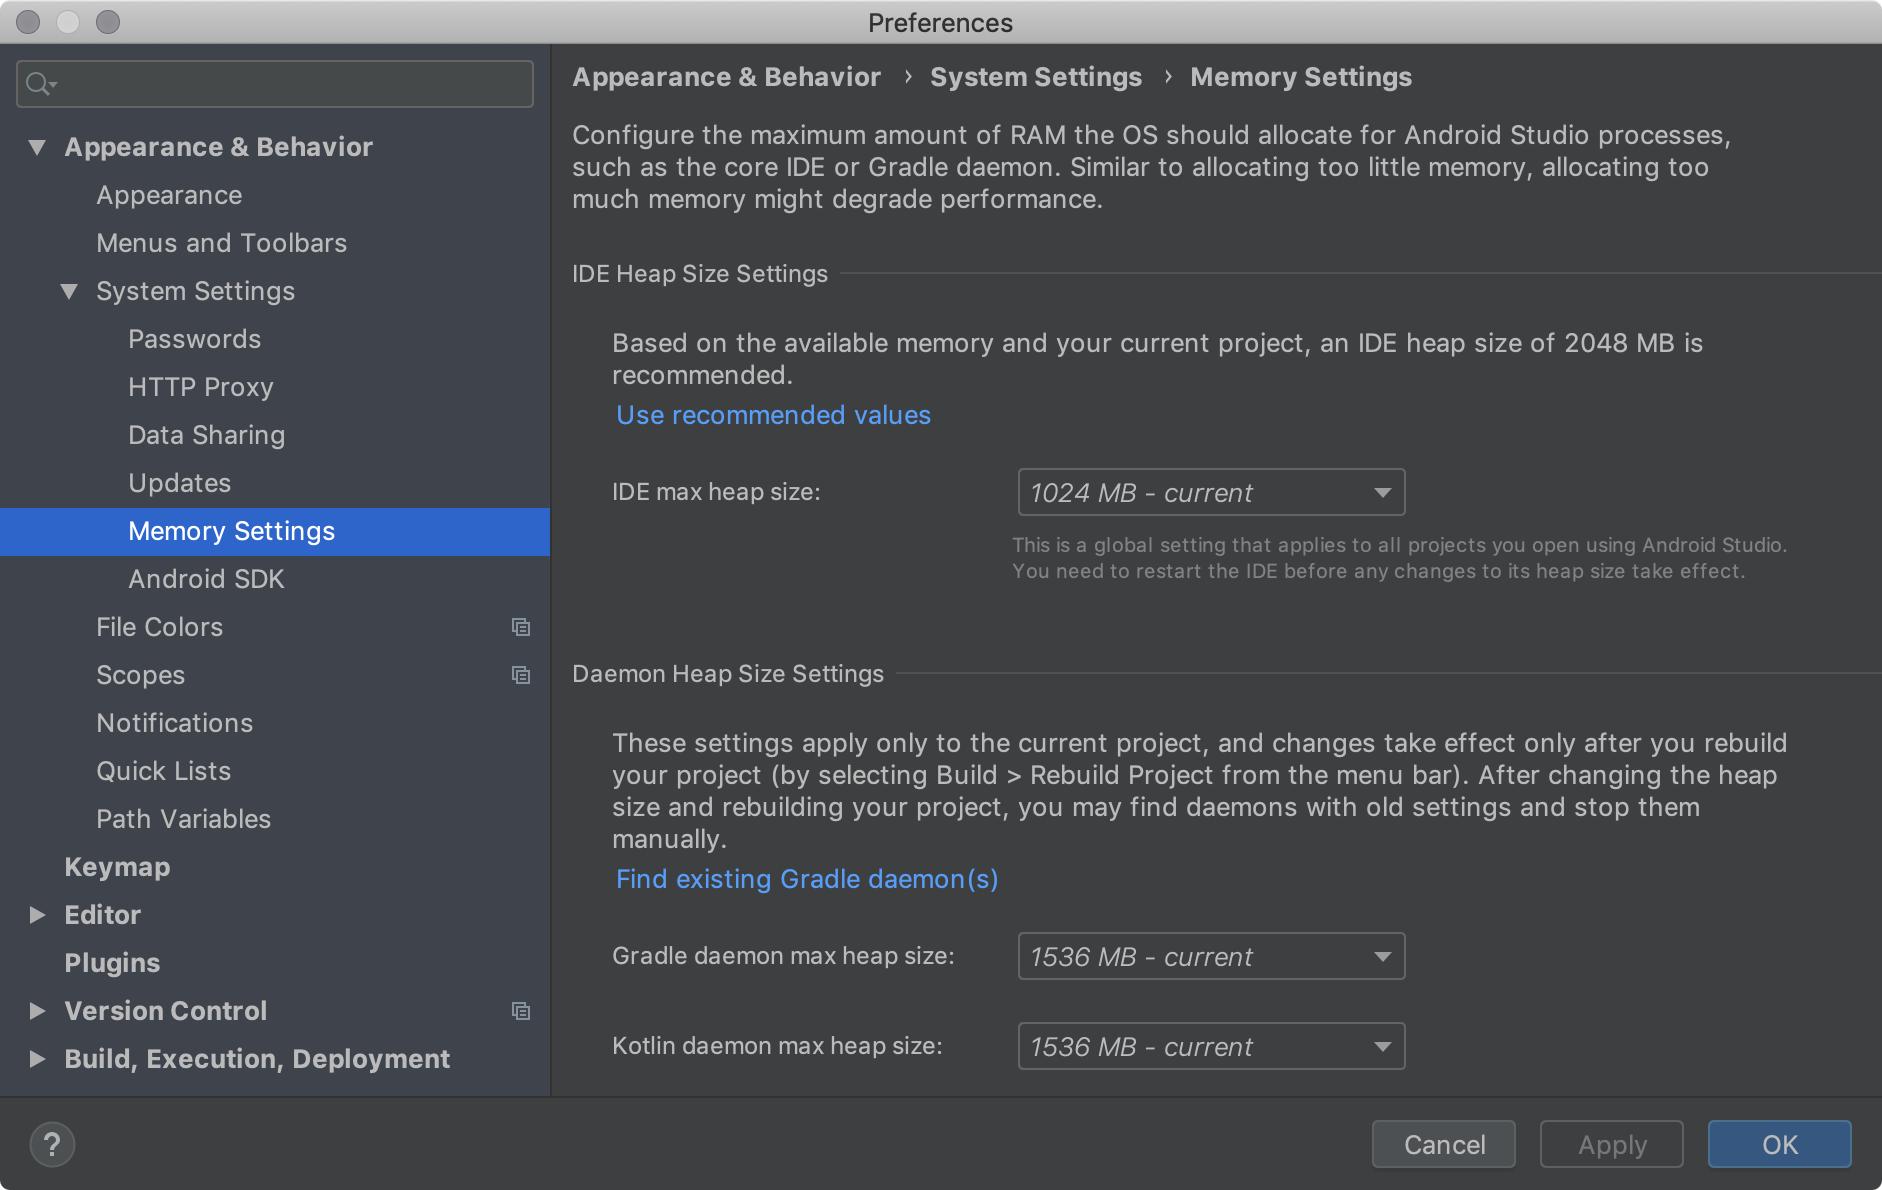 Configurações de memória que permitem configurar a quantidade máxima de RAM   para os processos do Android Studio.